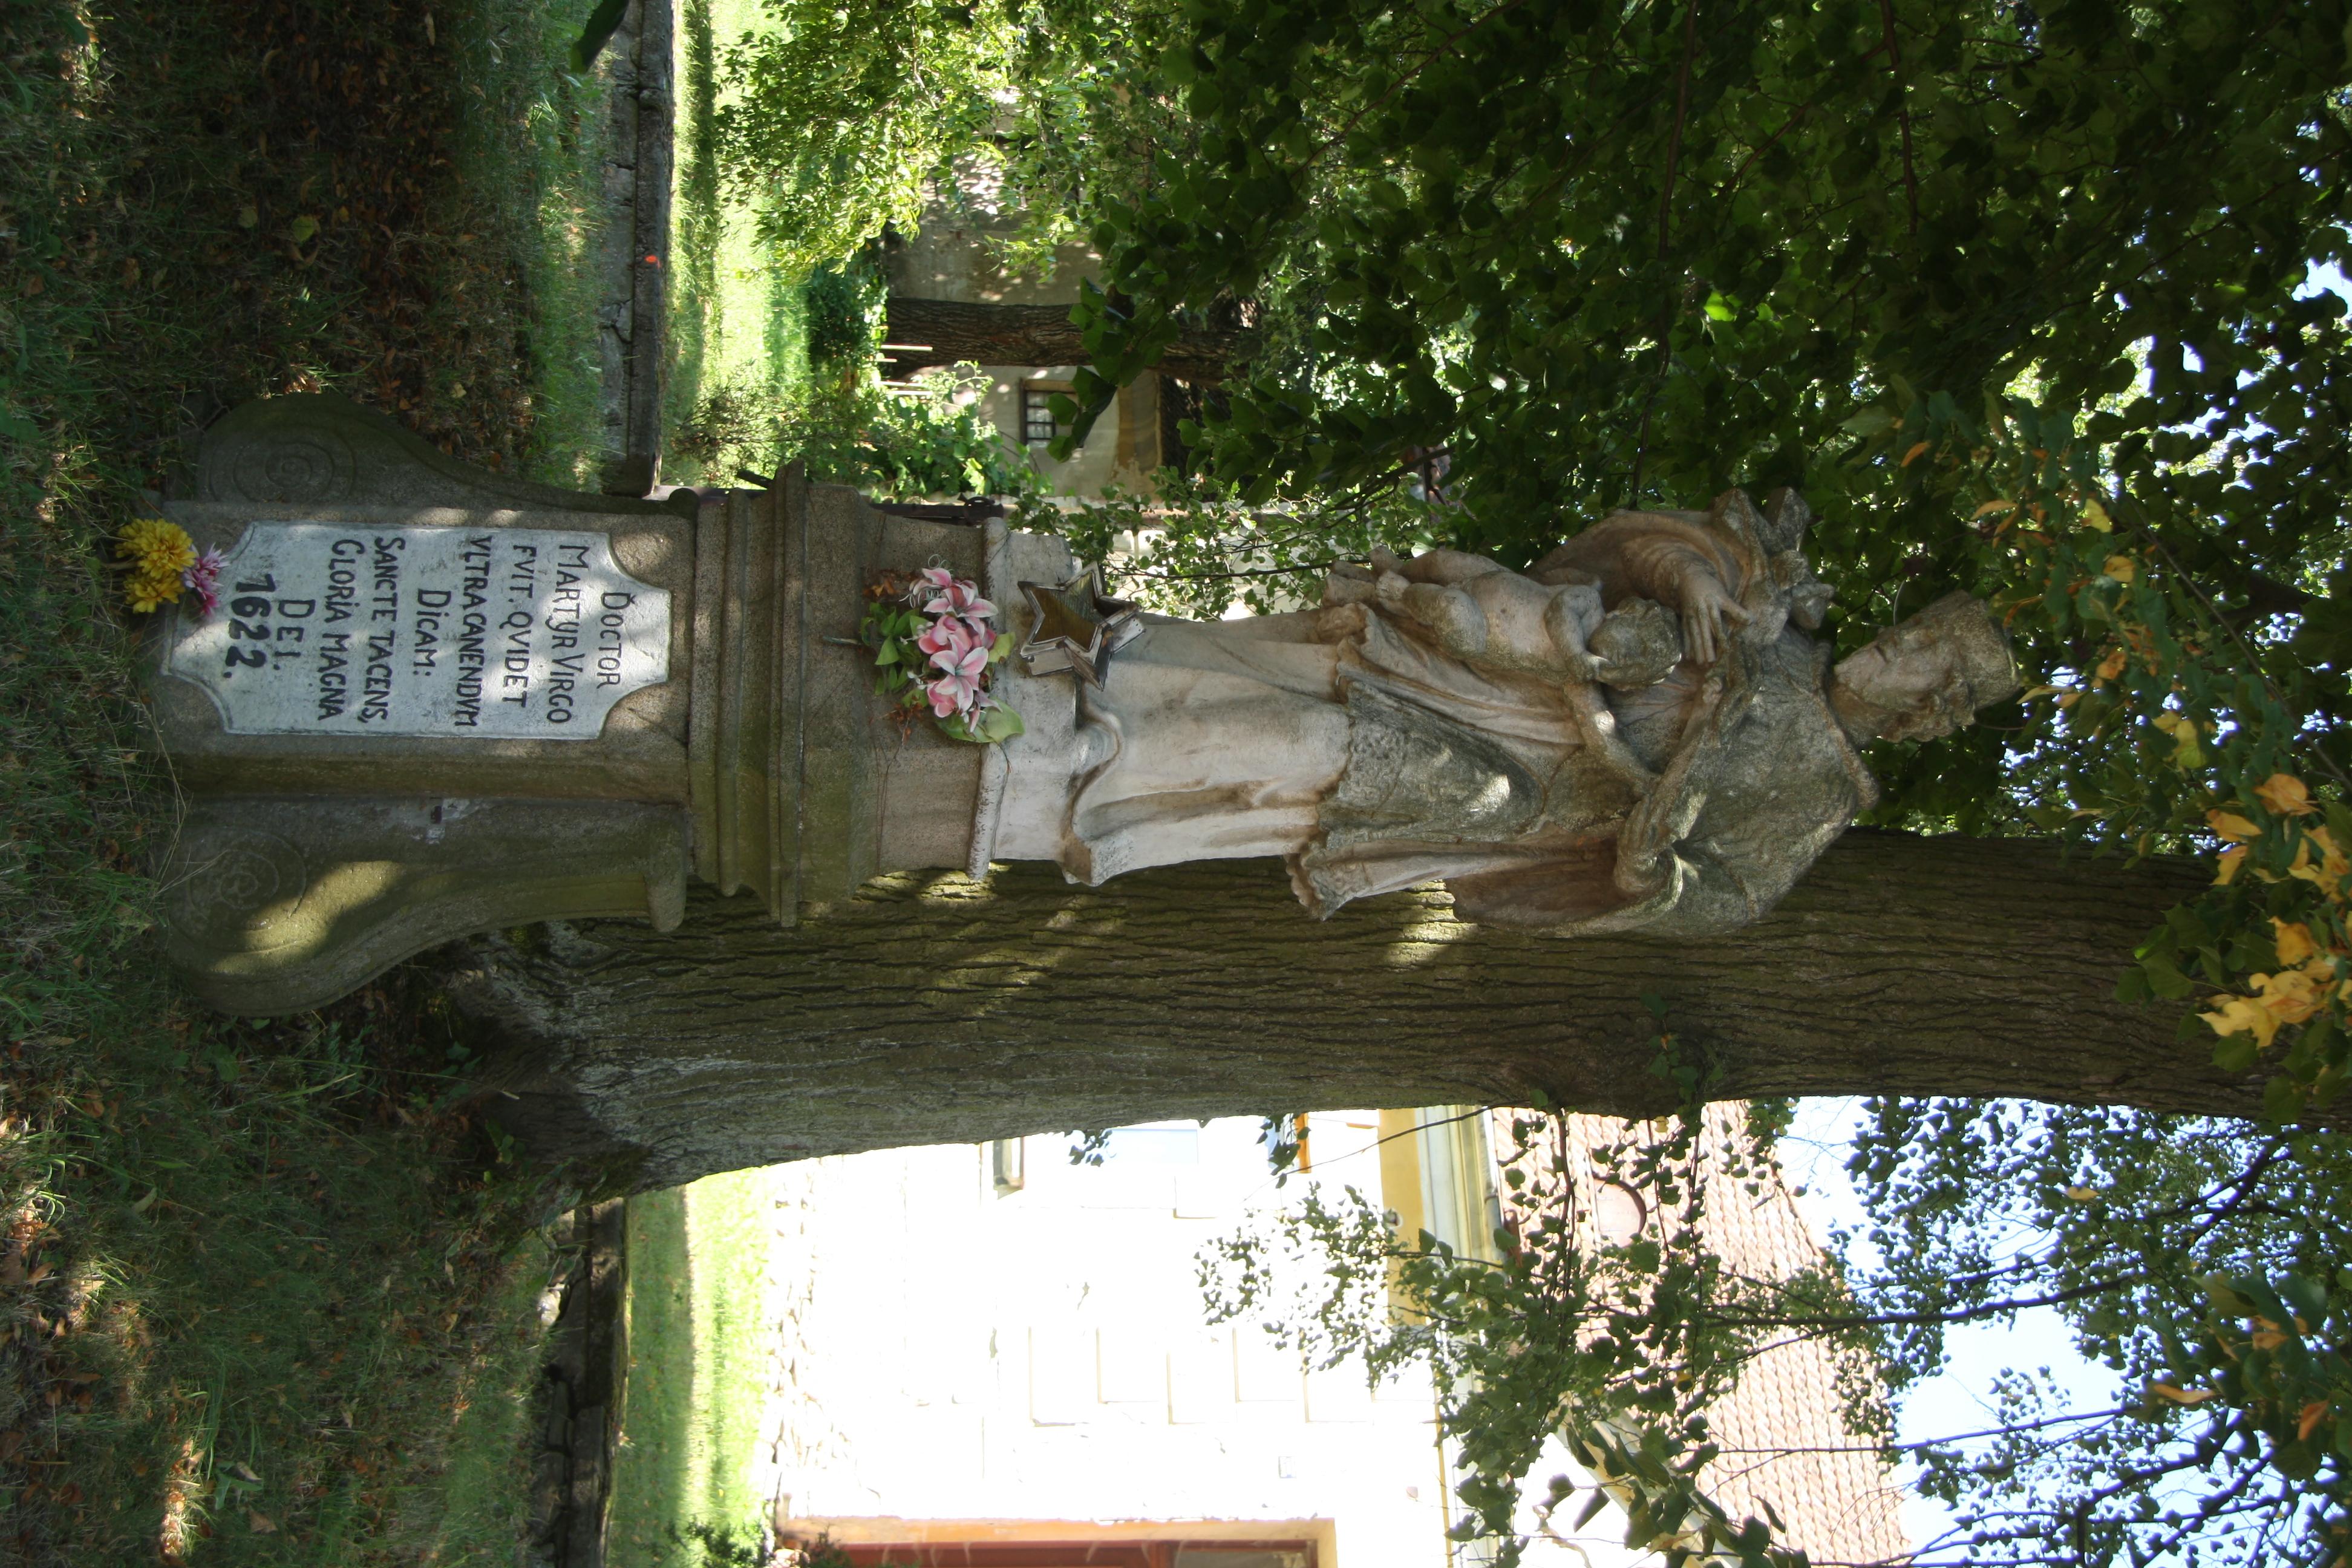 File:Statue of Saint John of Nepomuk in Černá, Žďár nad ...